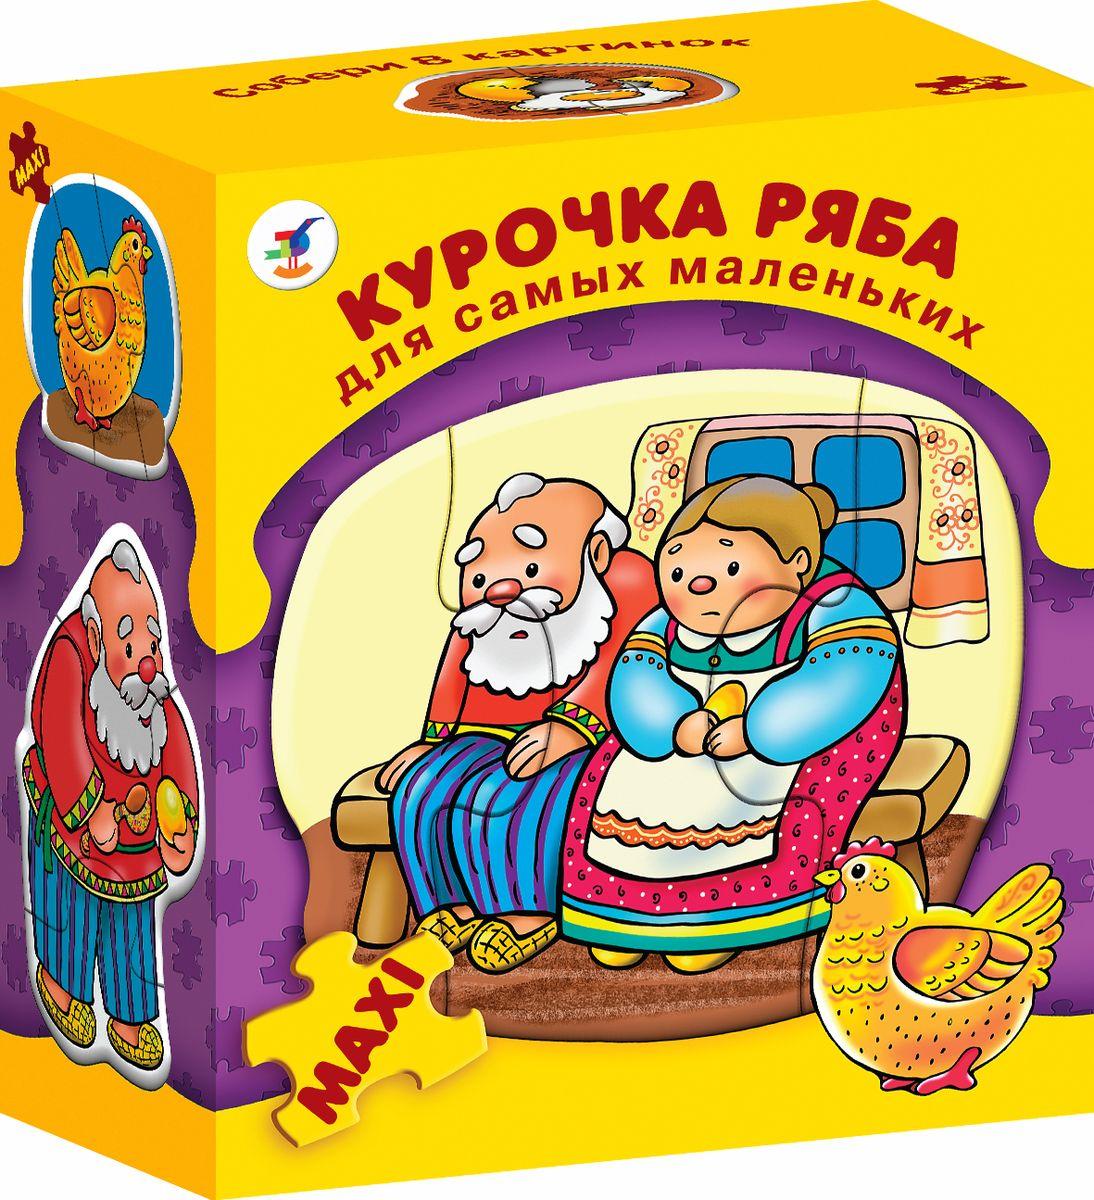 Дрофа-Медиа Развивающая игра Курочка ряба2563Развивающая игра Курочка ряба прекрасно подходит для первого знакомства малыша с мозаикой, способствует формированию навыка соединения целого изображения из двух-трех элементов. В игре набор из восьми картинок с персонажами сказки, состоящих из ярких крупных деталей, которые соединяются с помощью пазлового замка. Игра Курочка ряба помогает в развитии зрительного восприятия, мелкой моторики и координации движений рук, наглядно-образного мышления, памяти и внимания.